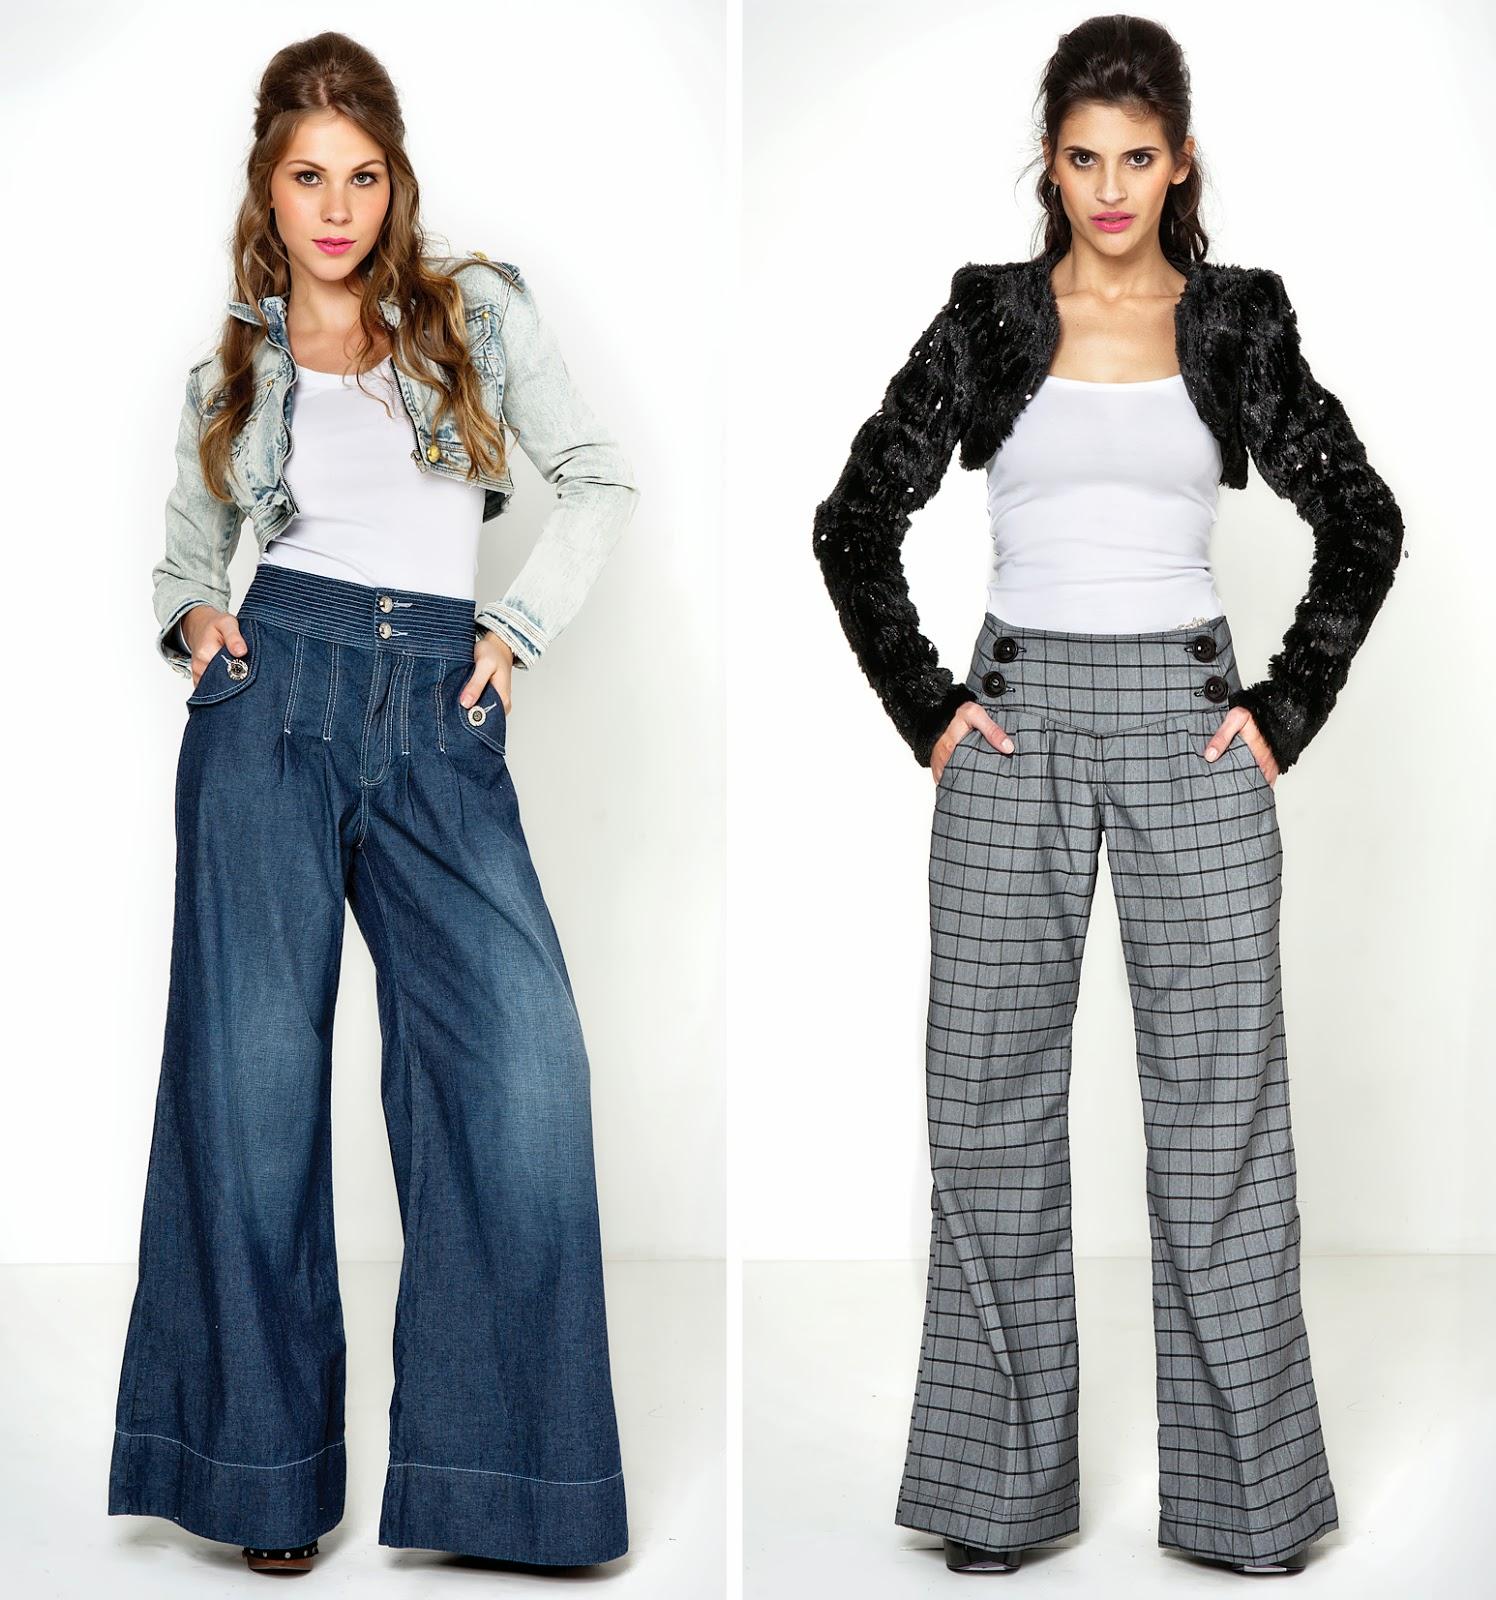 Tipo de calça jeans para pernas finas